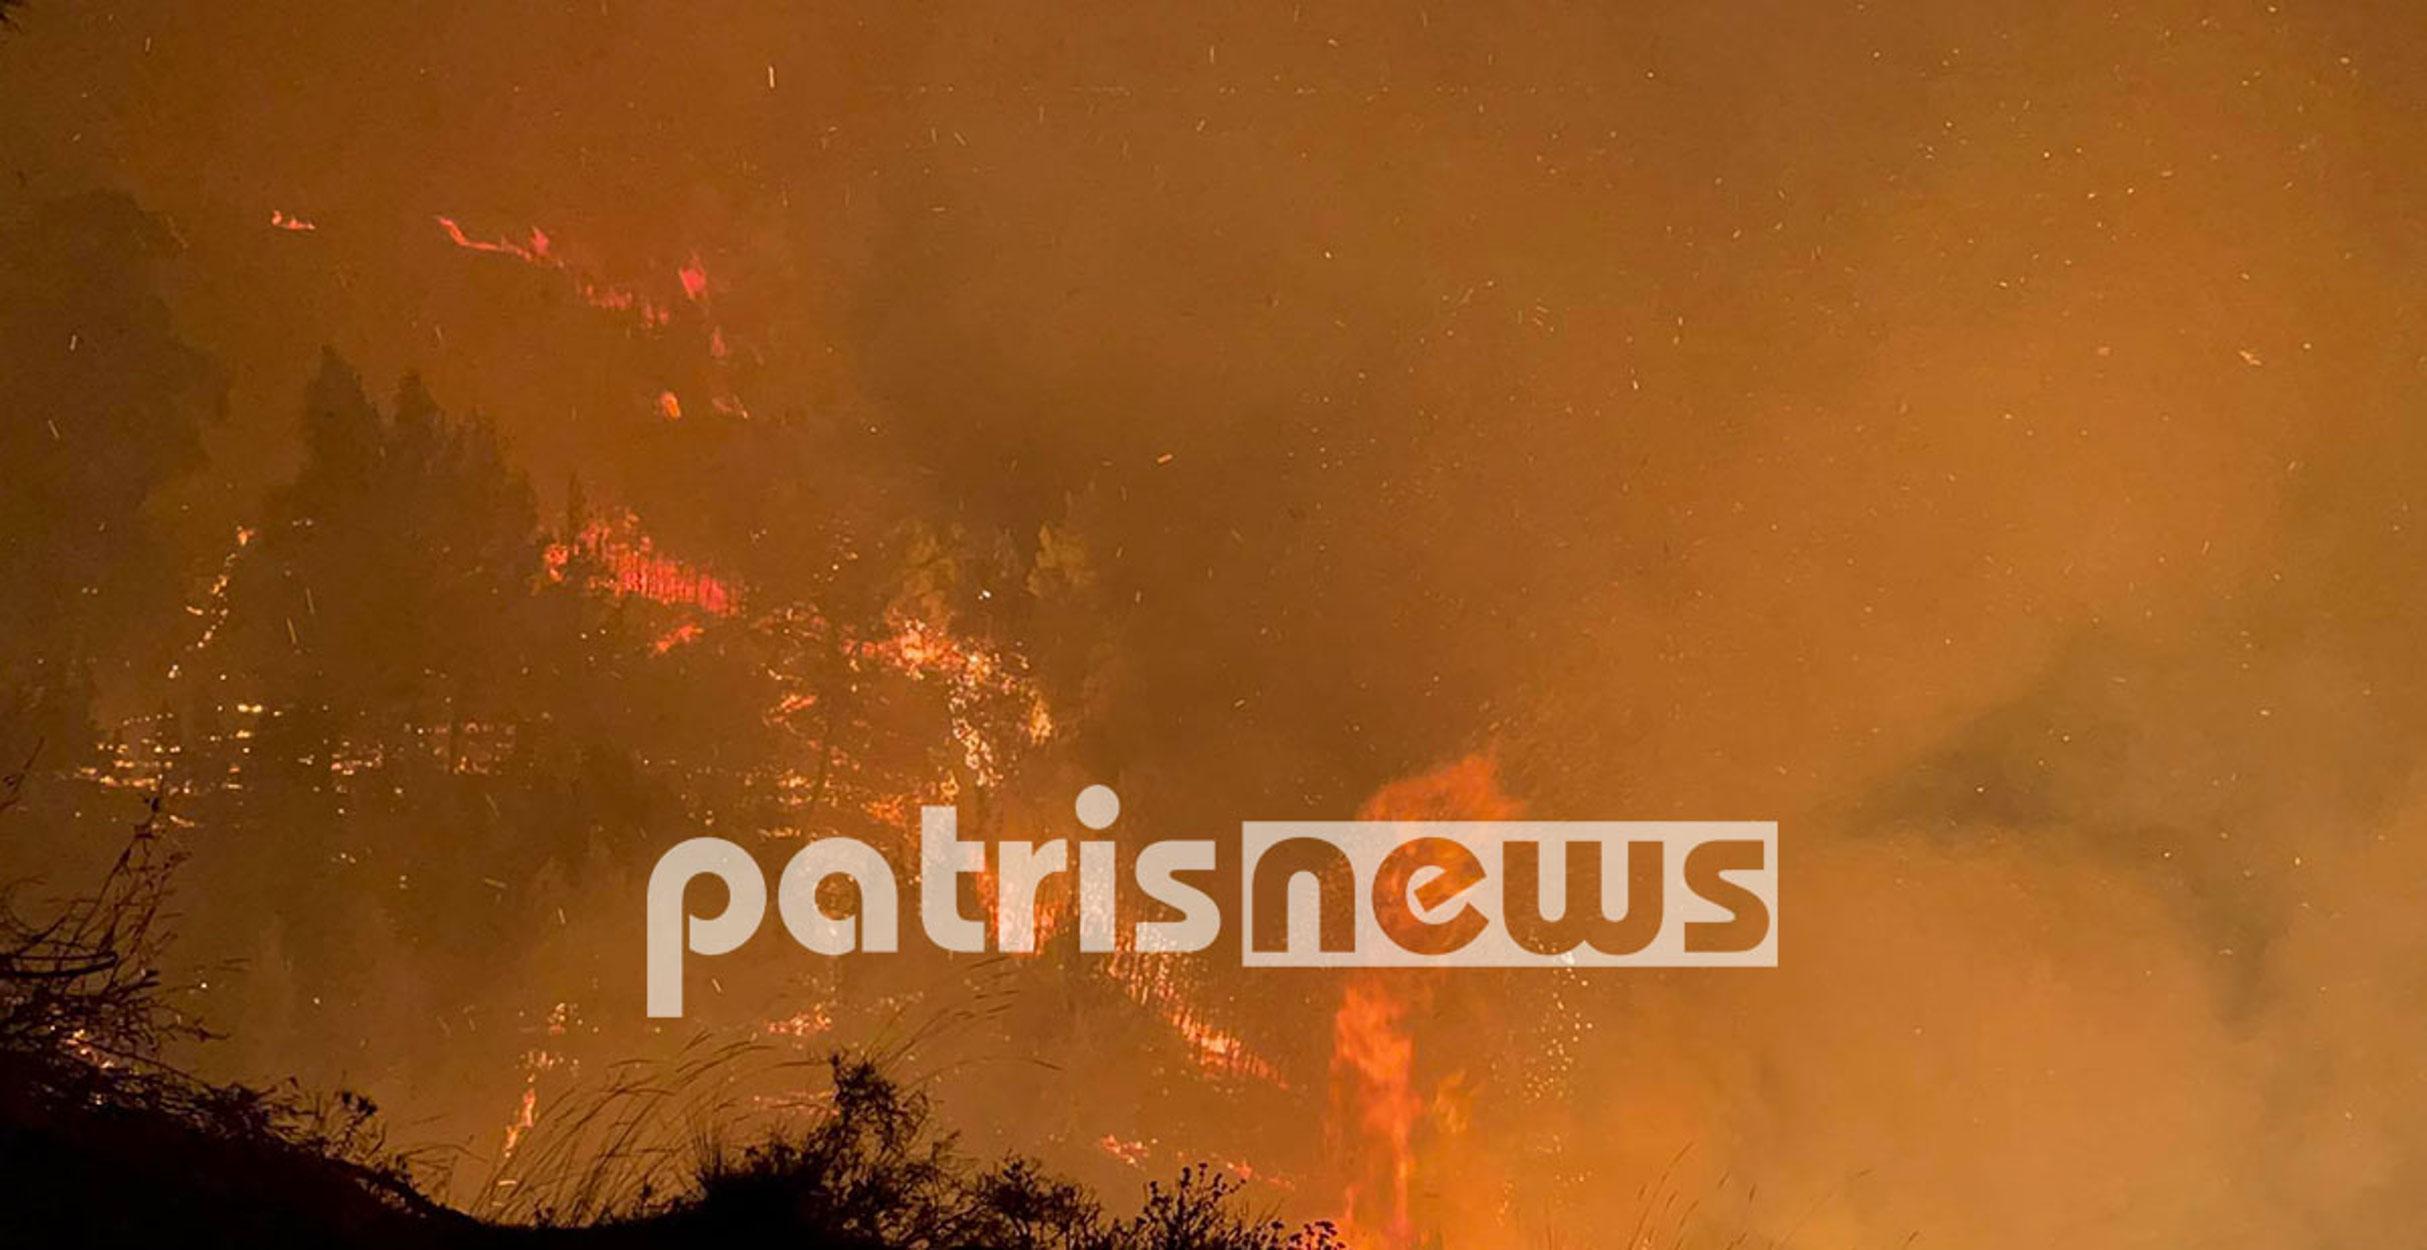 Ηλεία: Μεγάλη φωτιά στην Κορυφή